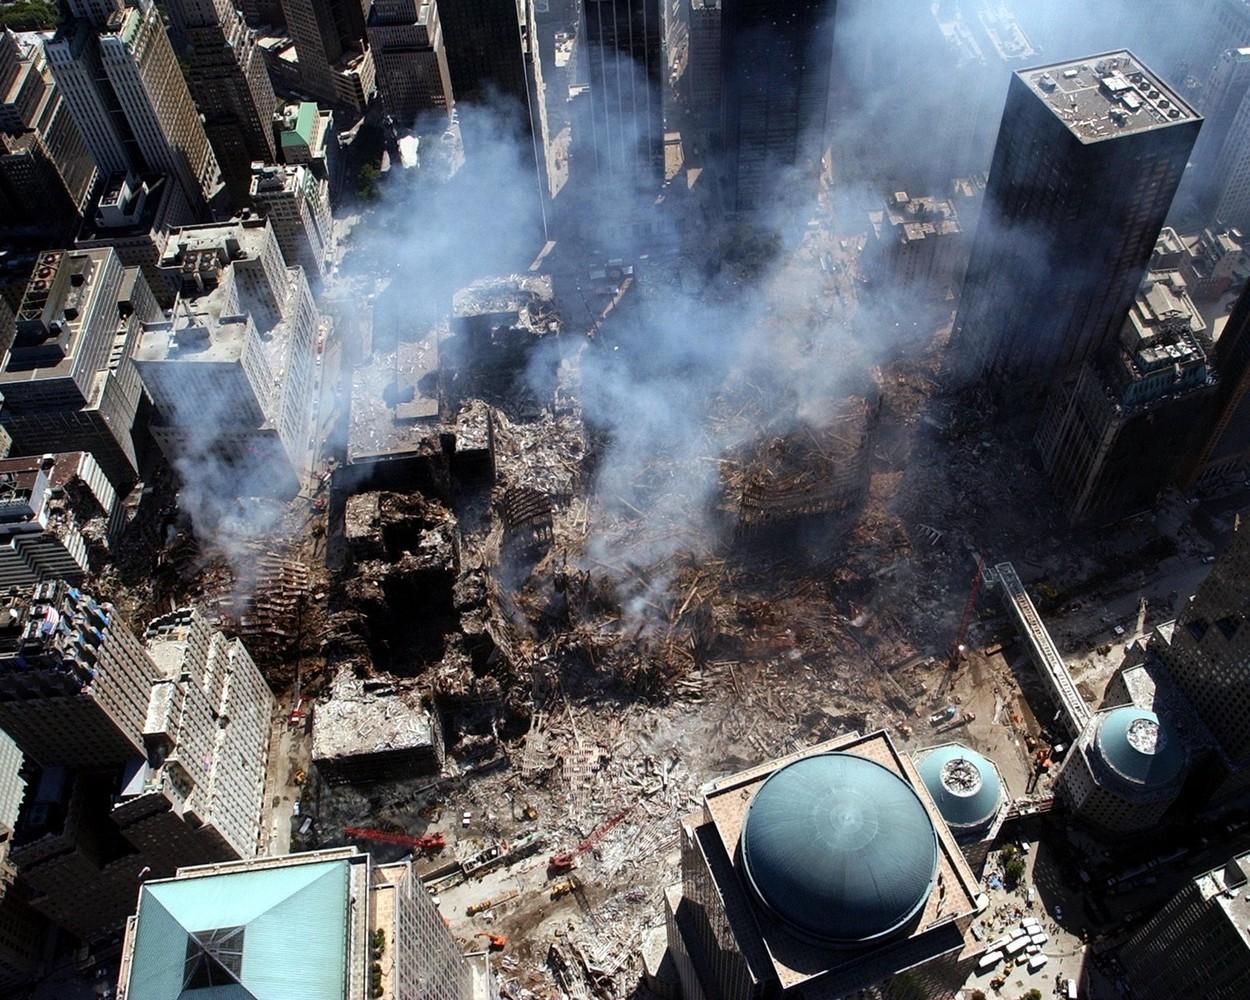 rămășițele fumegânde ale turnurilor gemene într-o fotografie făcută din aer